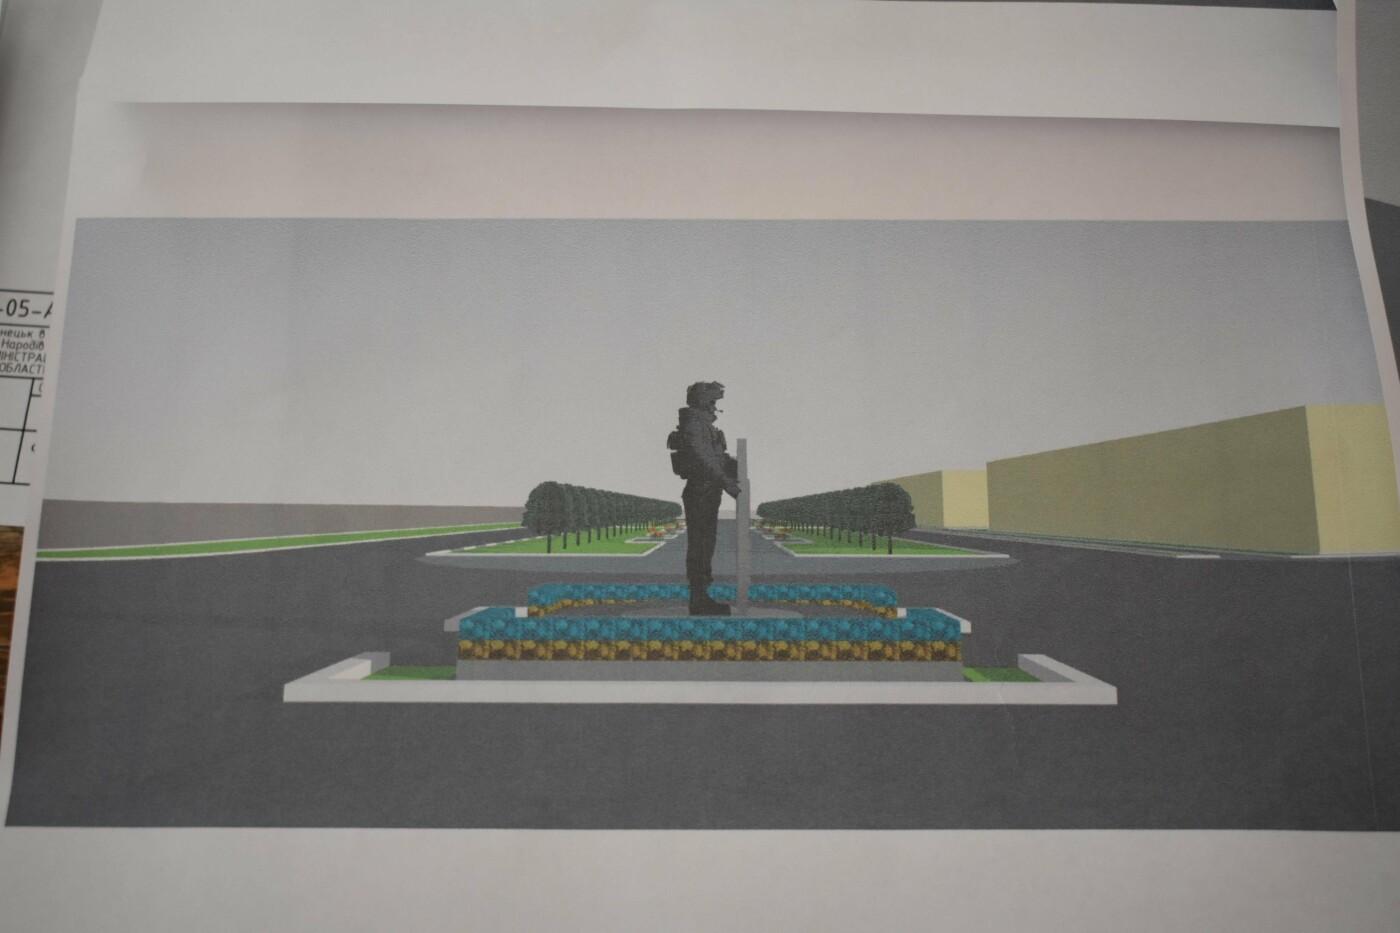 В Северодонецке определили лучшие проекты памятника героям АТО (фото), фото-2